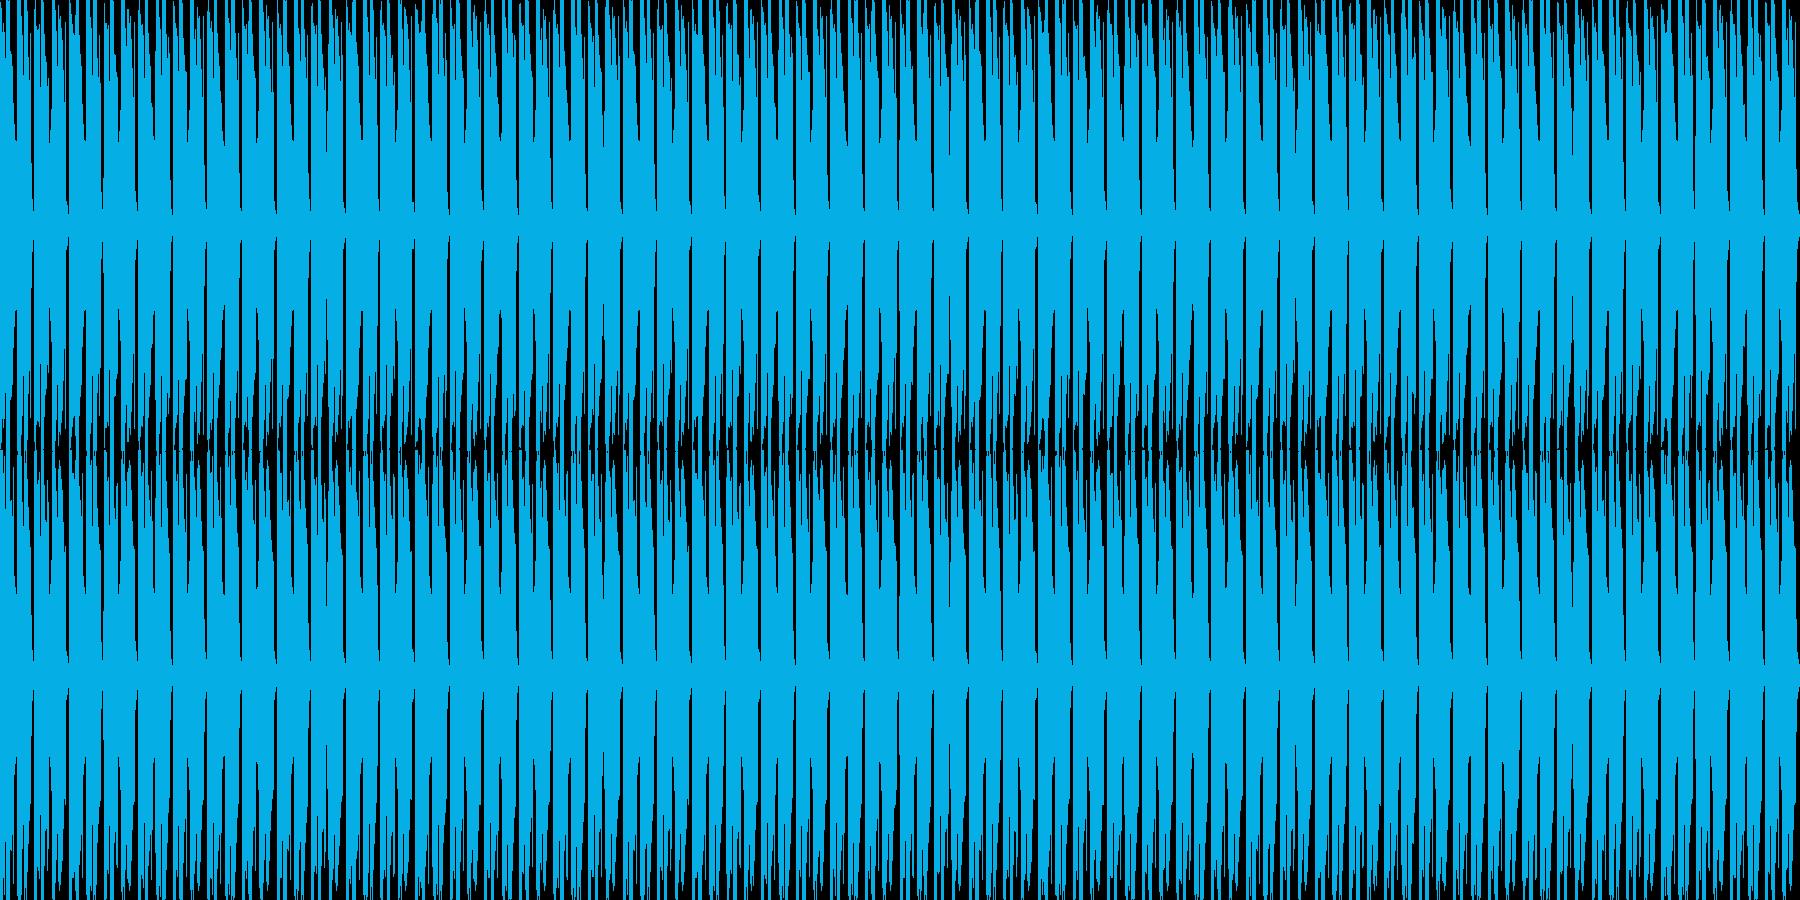 軽快なピアノと力強いドラムの再生済みの波形